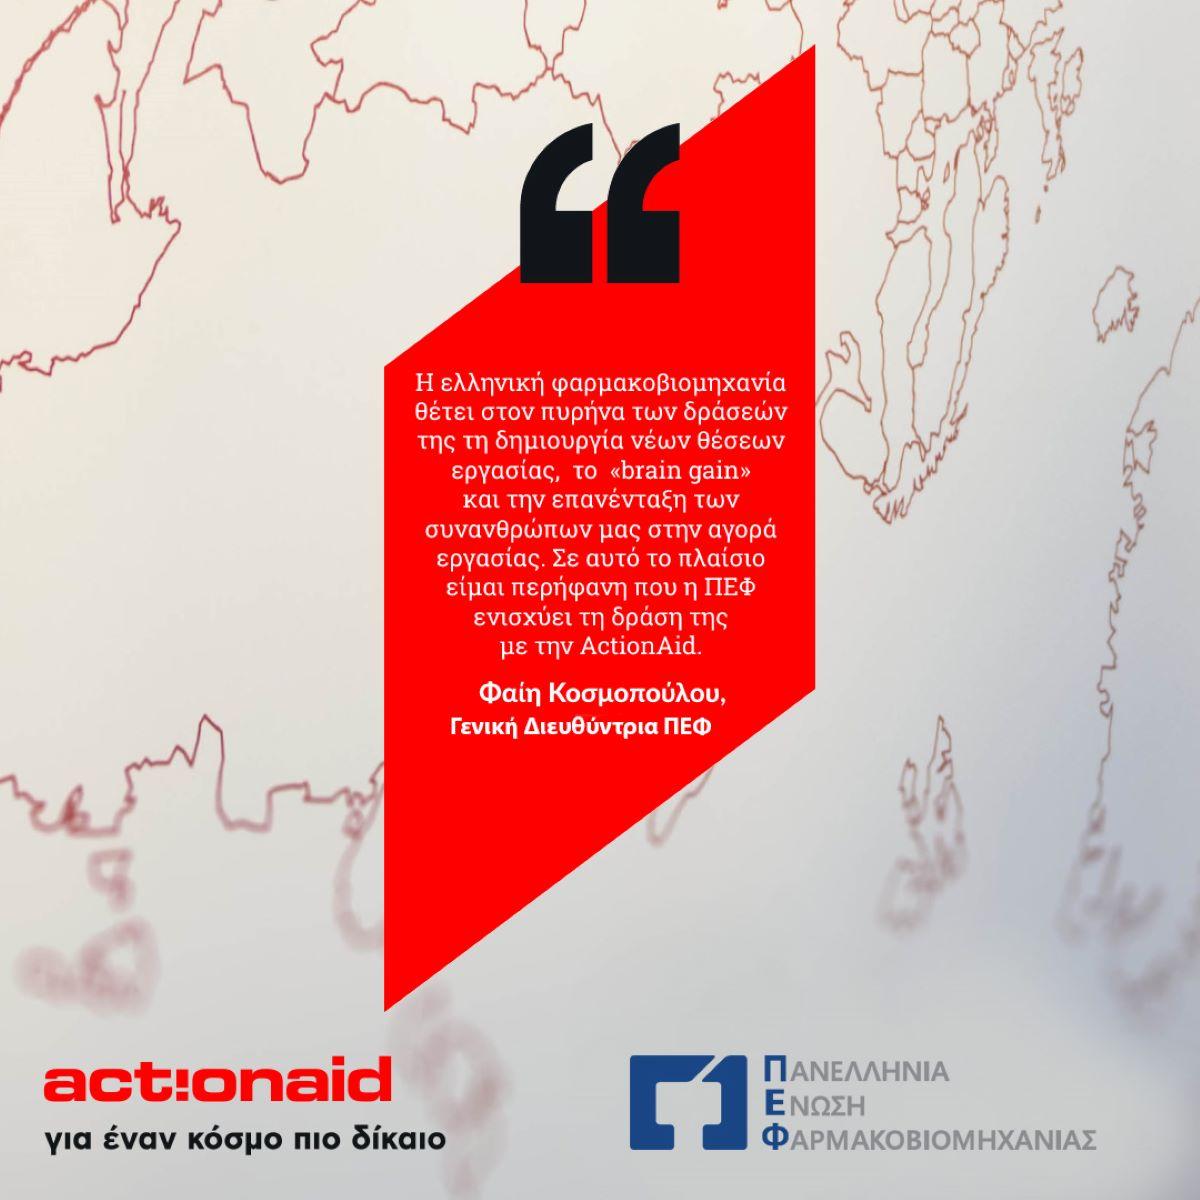 Πανελλήνια Ένωση Φαρμακοβιομηχανίας: Στηρίζει την επανένταξη συνανθρώπων μας στην αγορά εργασίας